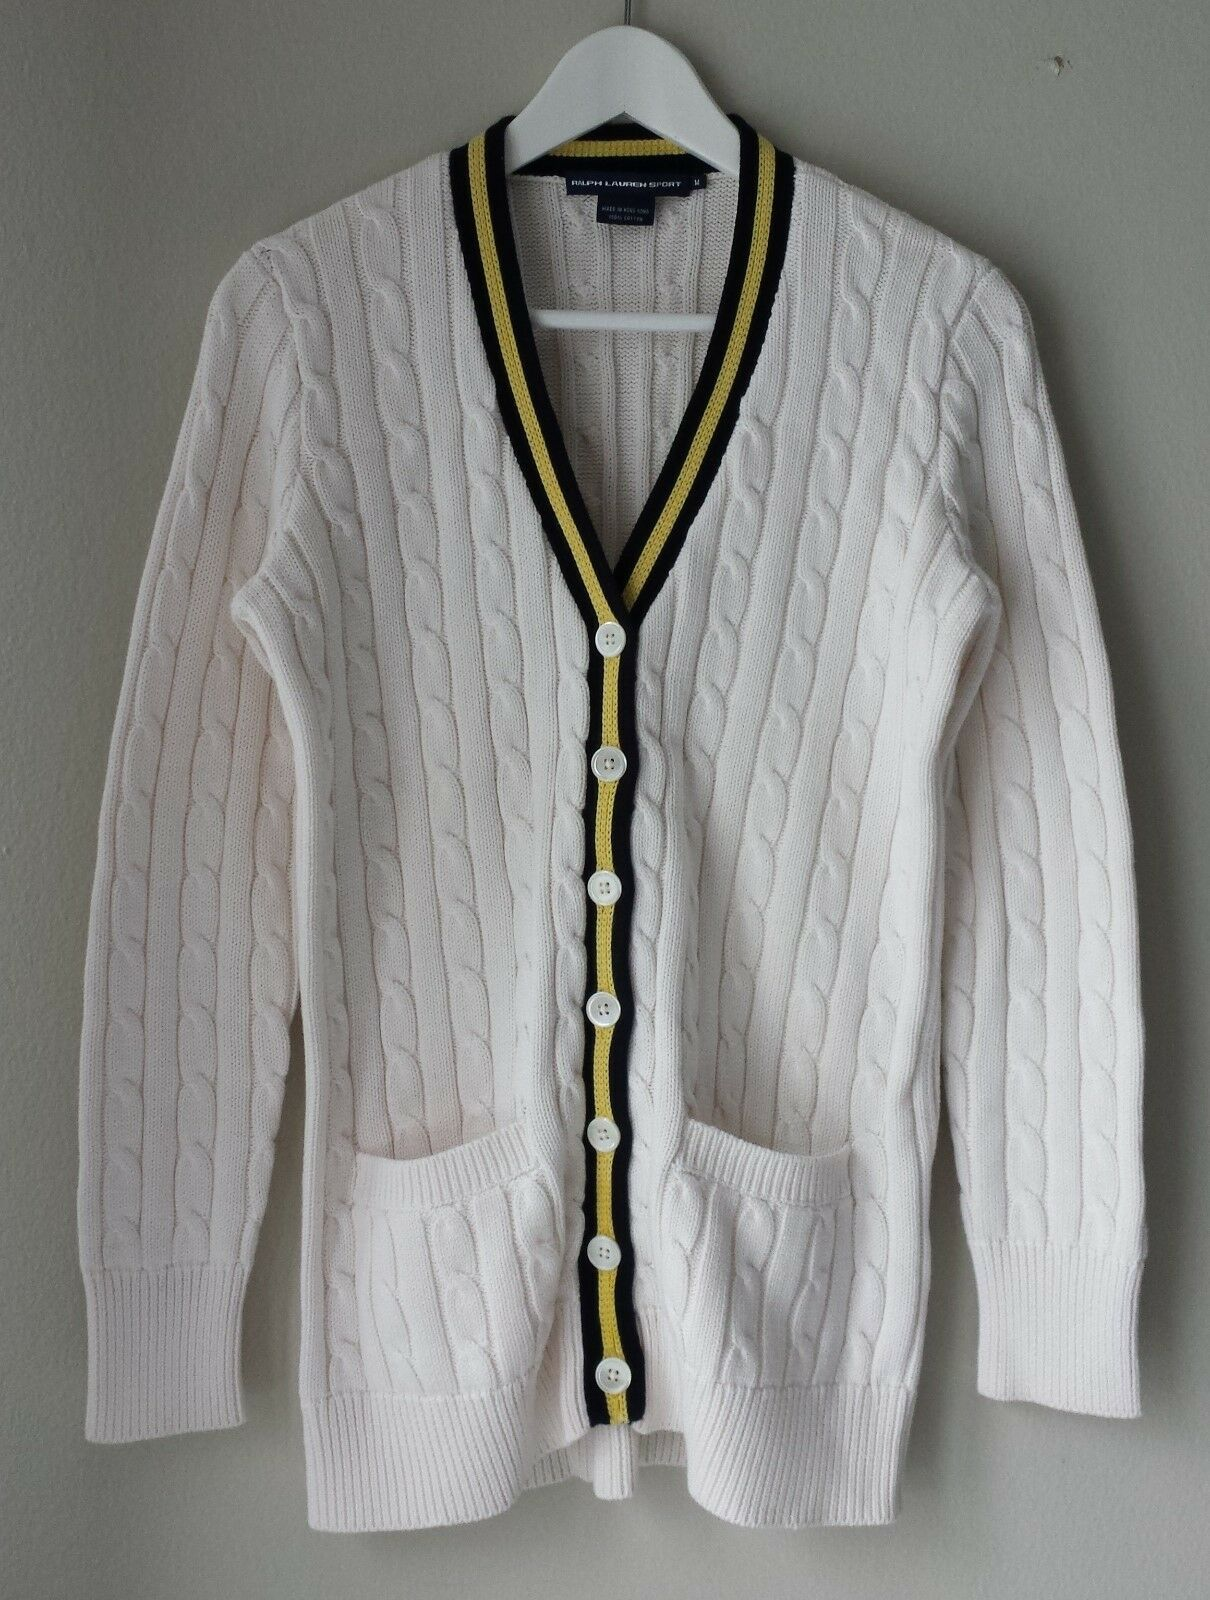 RALPH LAUREN SPORTWomens cable knit cardigan sz M color white 100% cotton NWOT